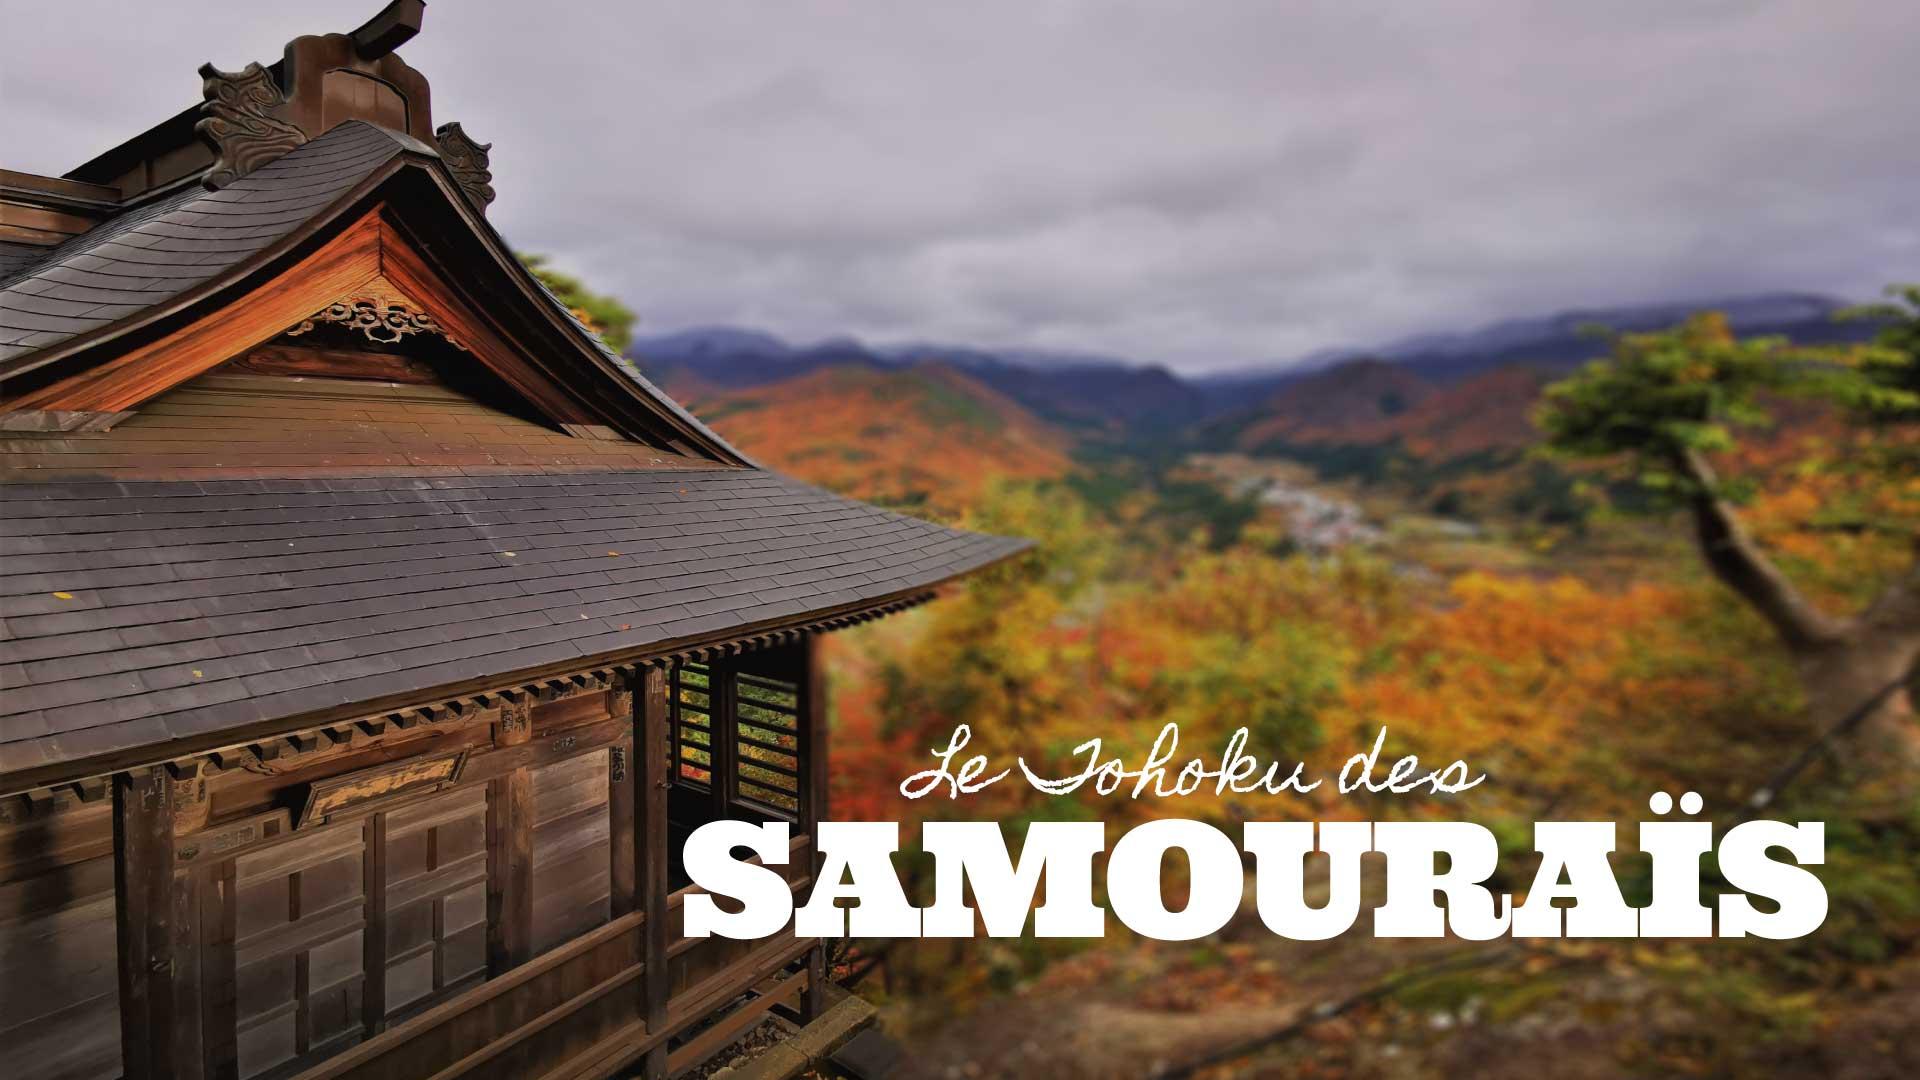 Le Tohoku des Samouraïs